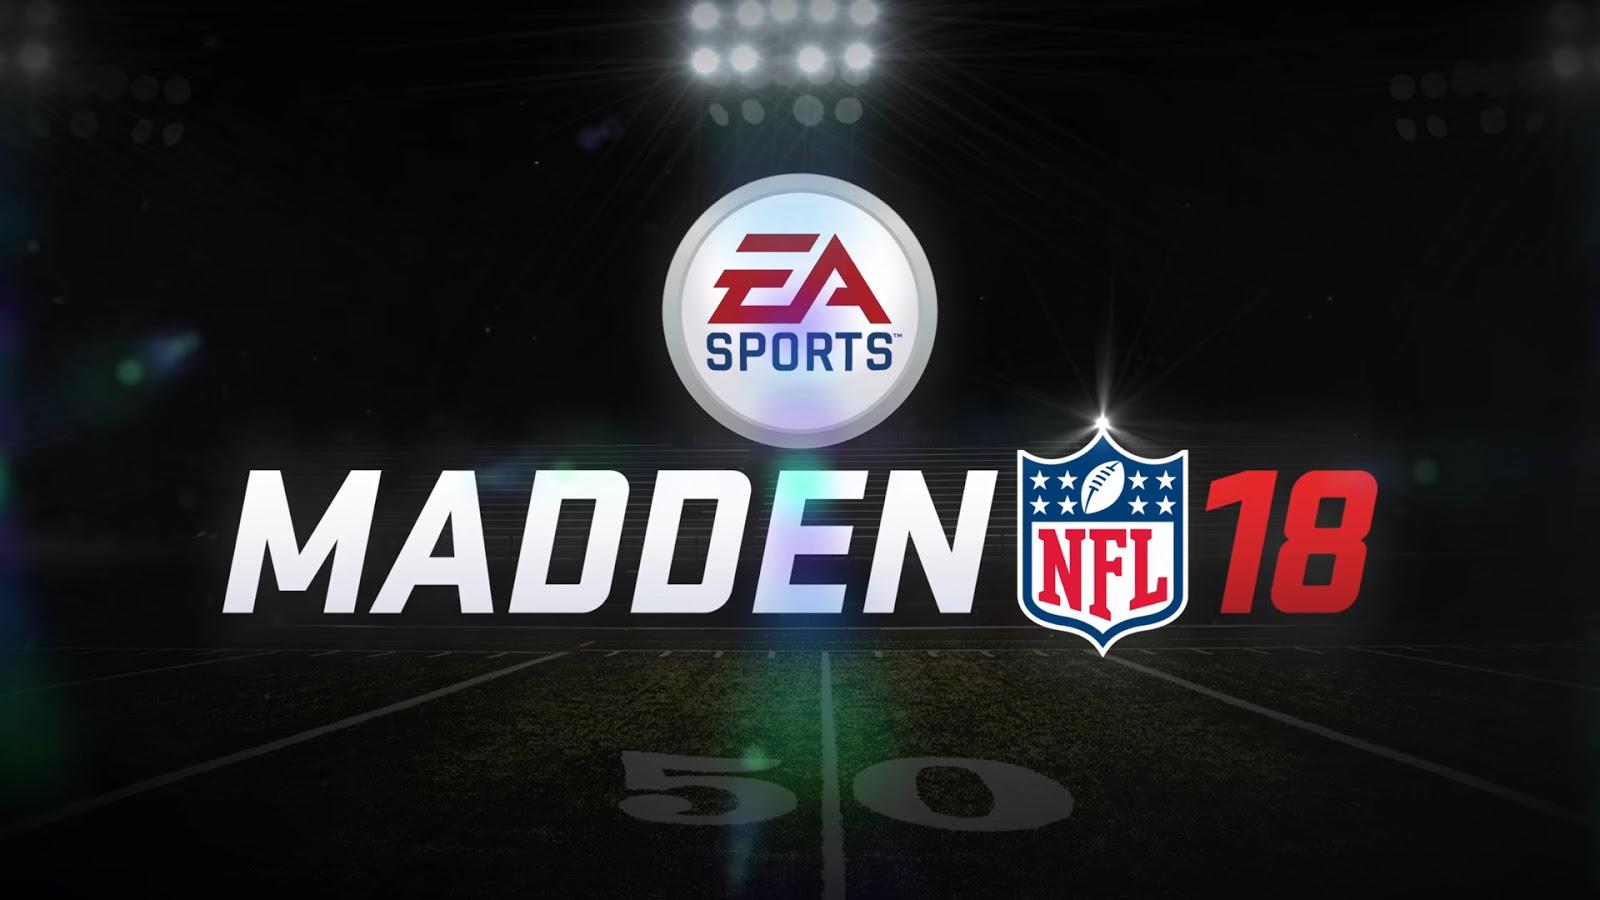 Madden NFL 16 HD Wallpaper 25   1600 X 900 stmednet 1600x900